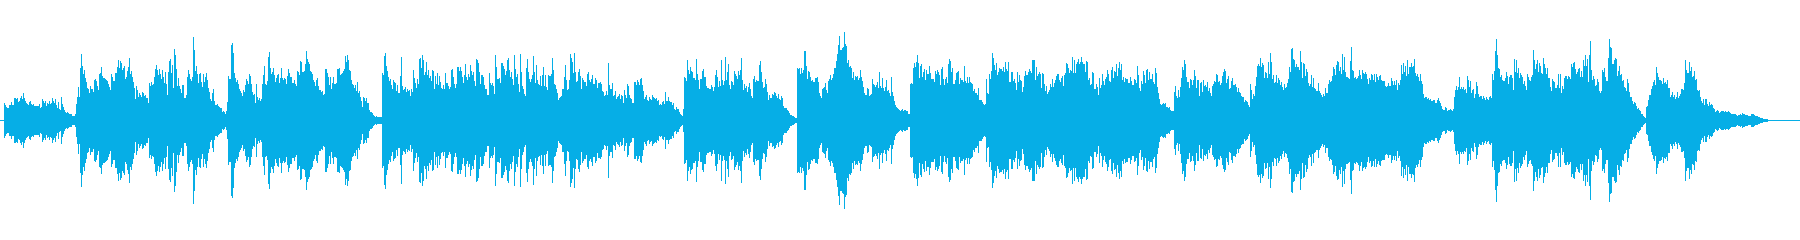 和風 胡弓の演奏によるヒーリング曲の再生済みの波形